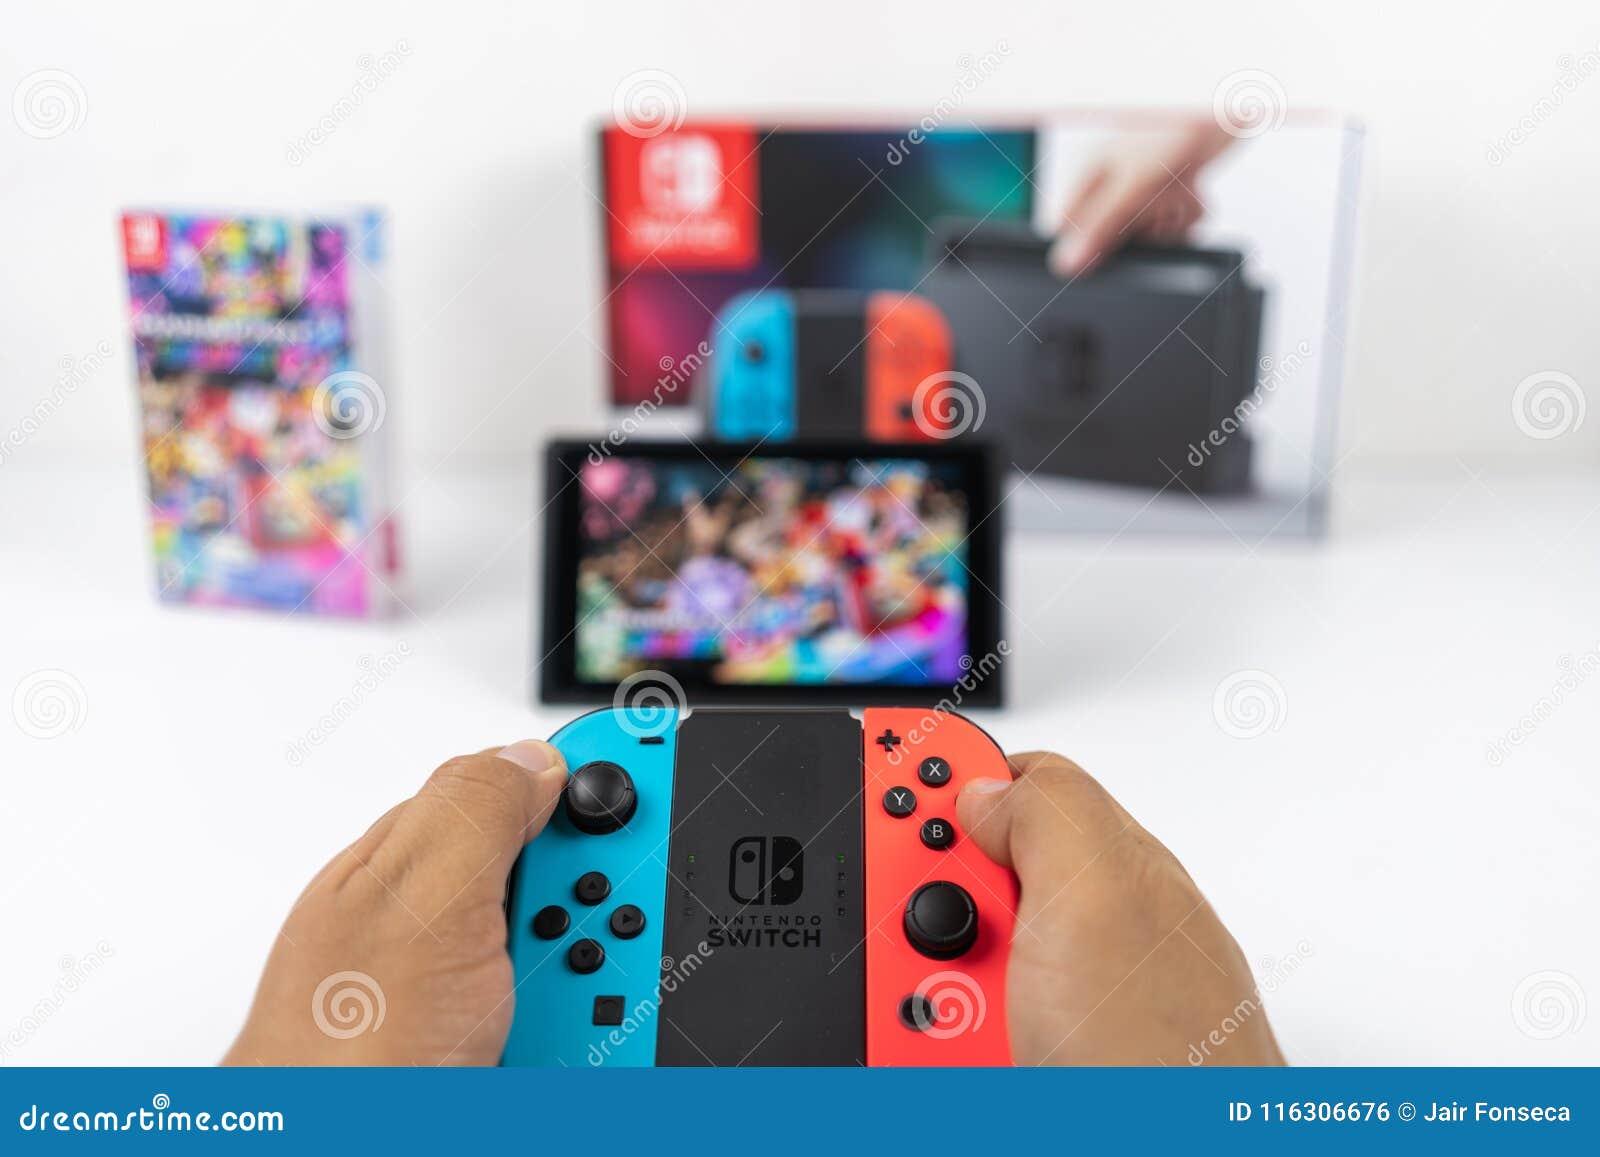 Jugar a Mario Kart Deluxe 8 en el interruptor de Nintendo